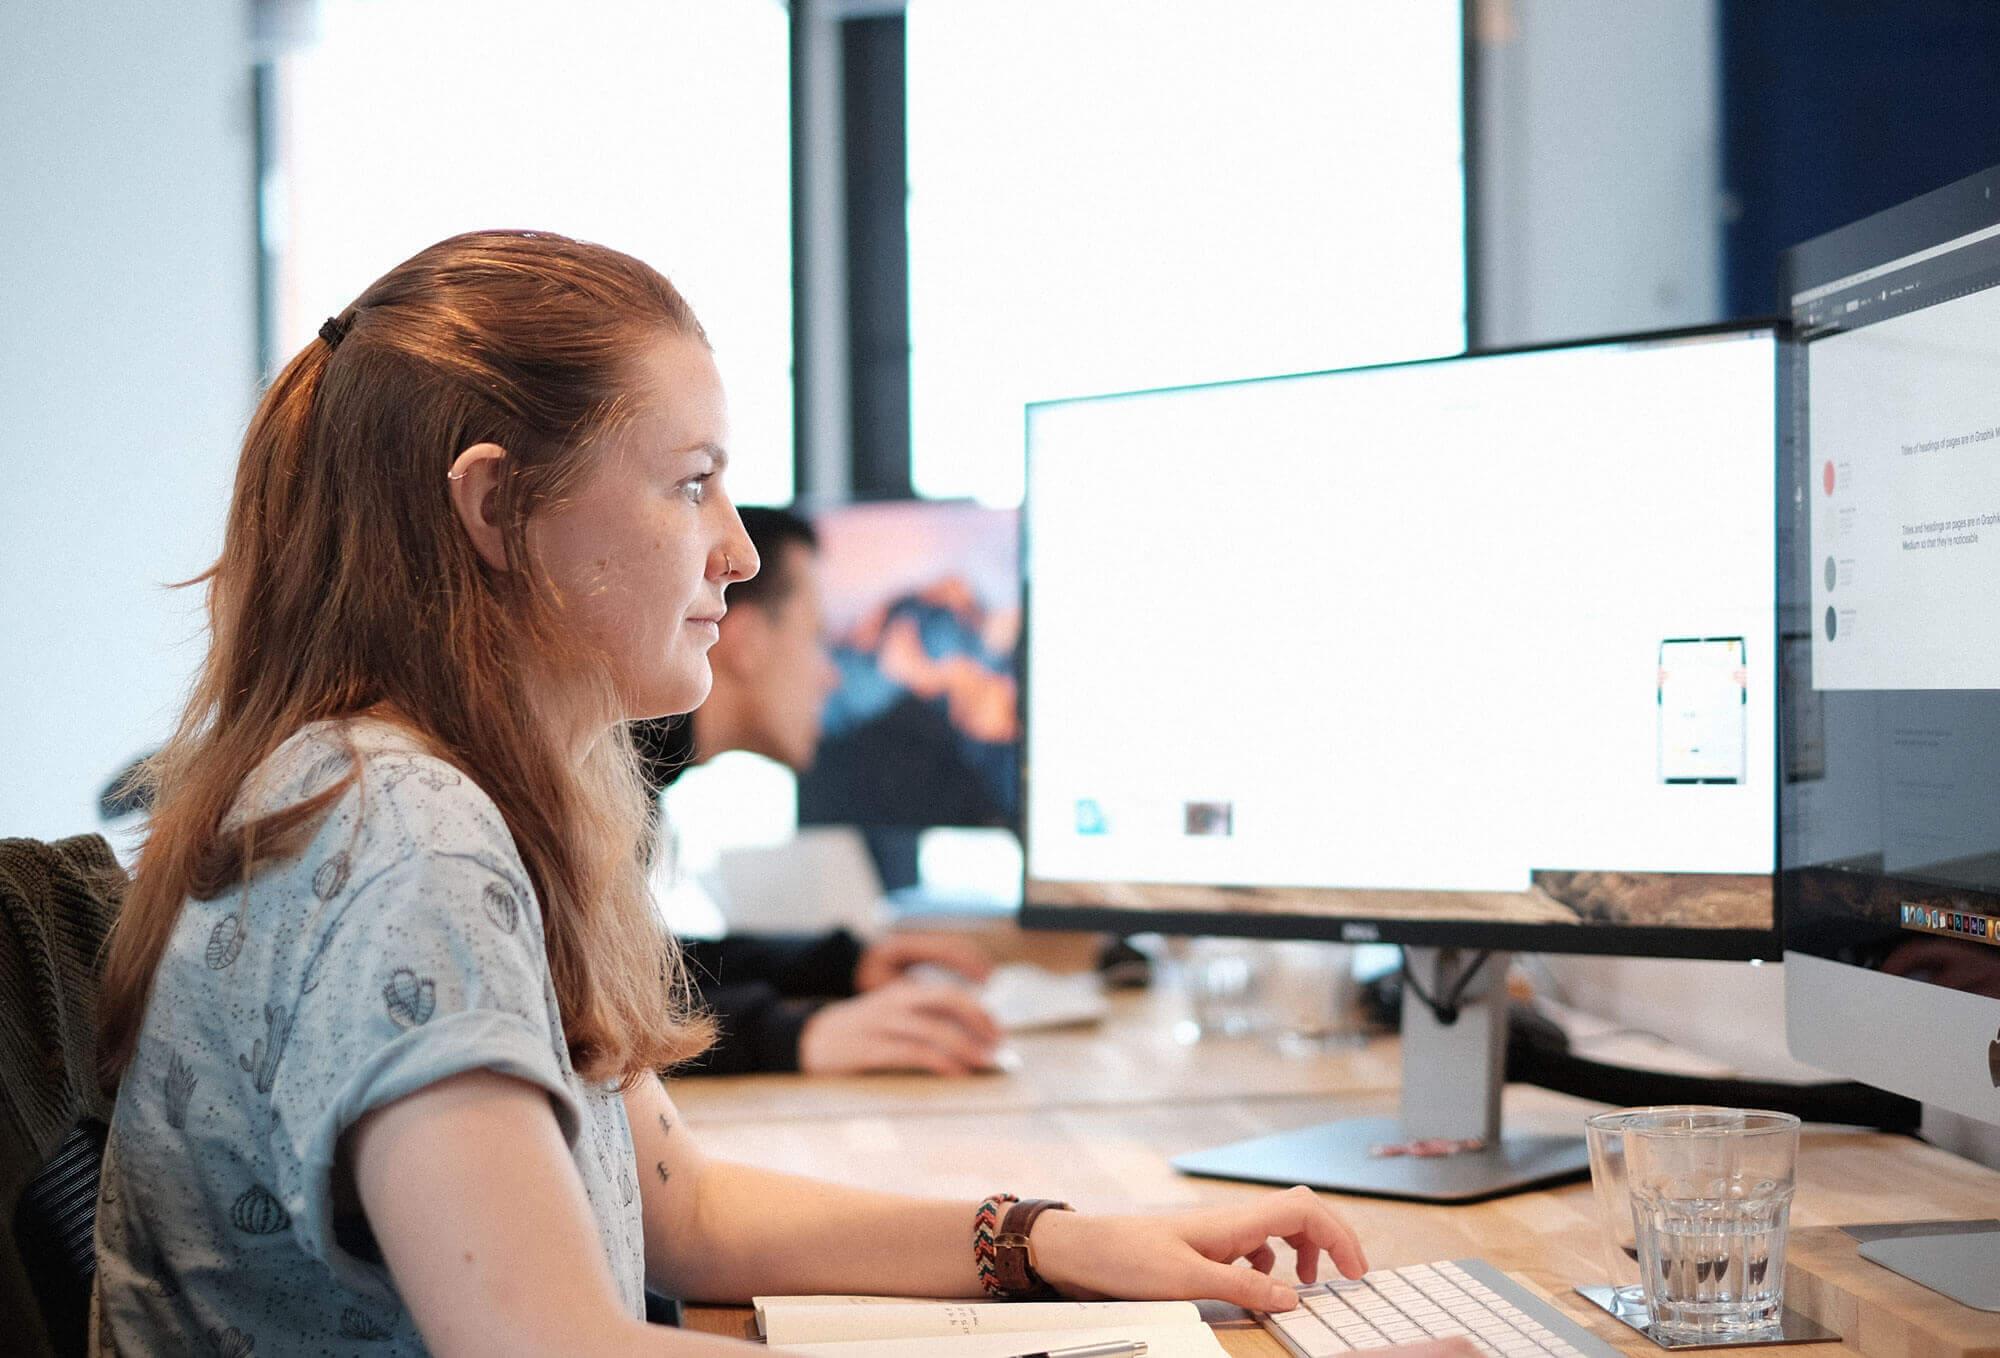 Ontwerper achter een iMac werkt aan een website ontwerp